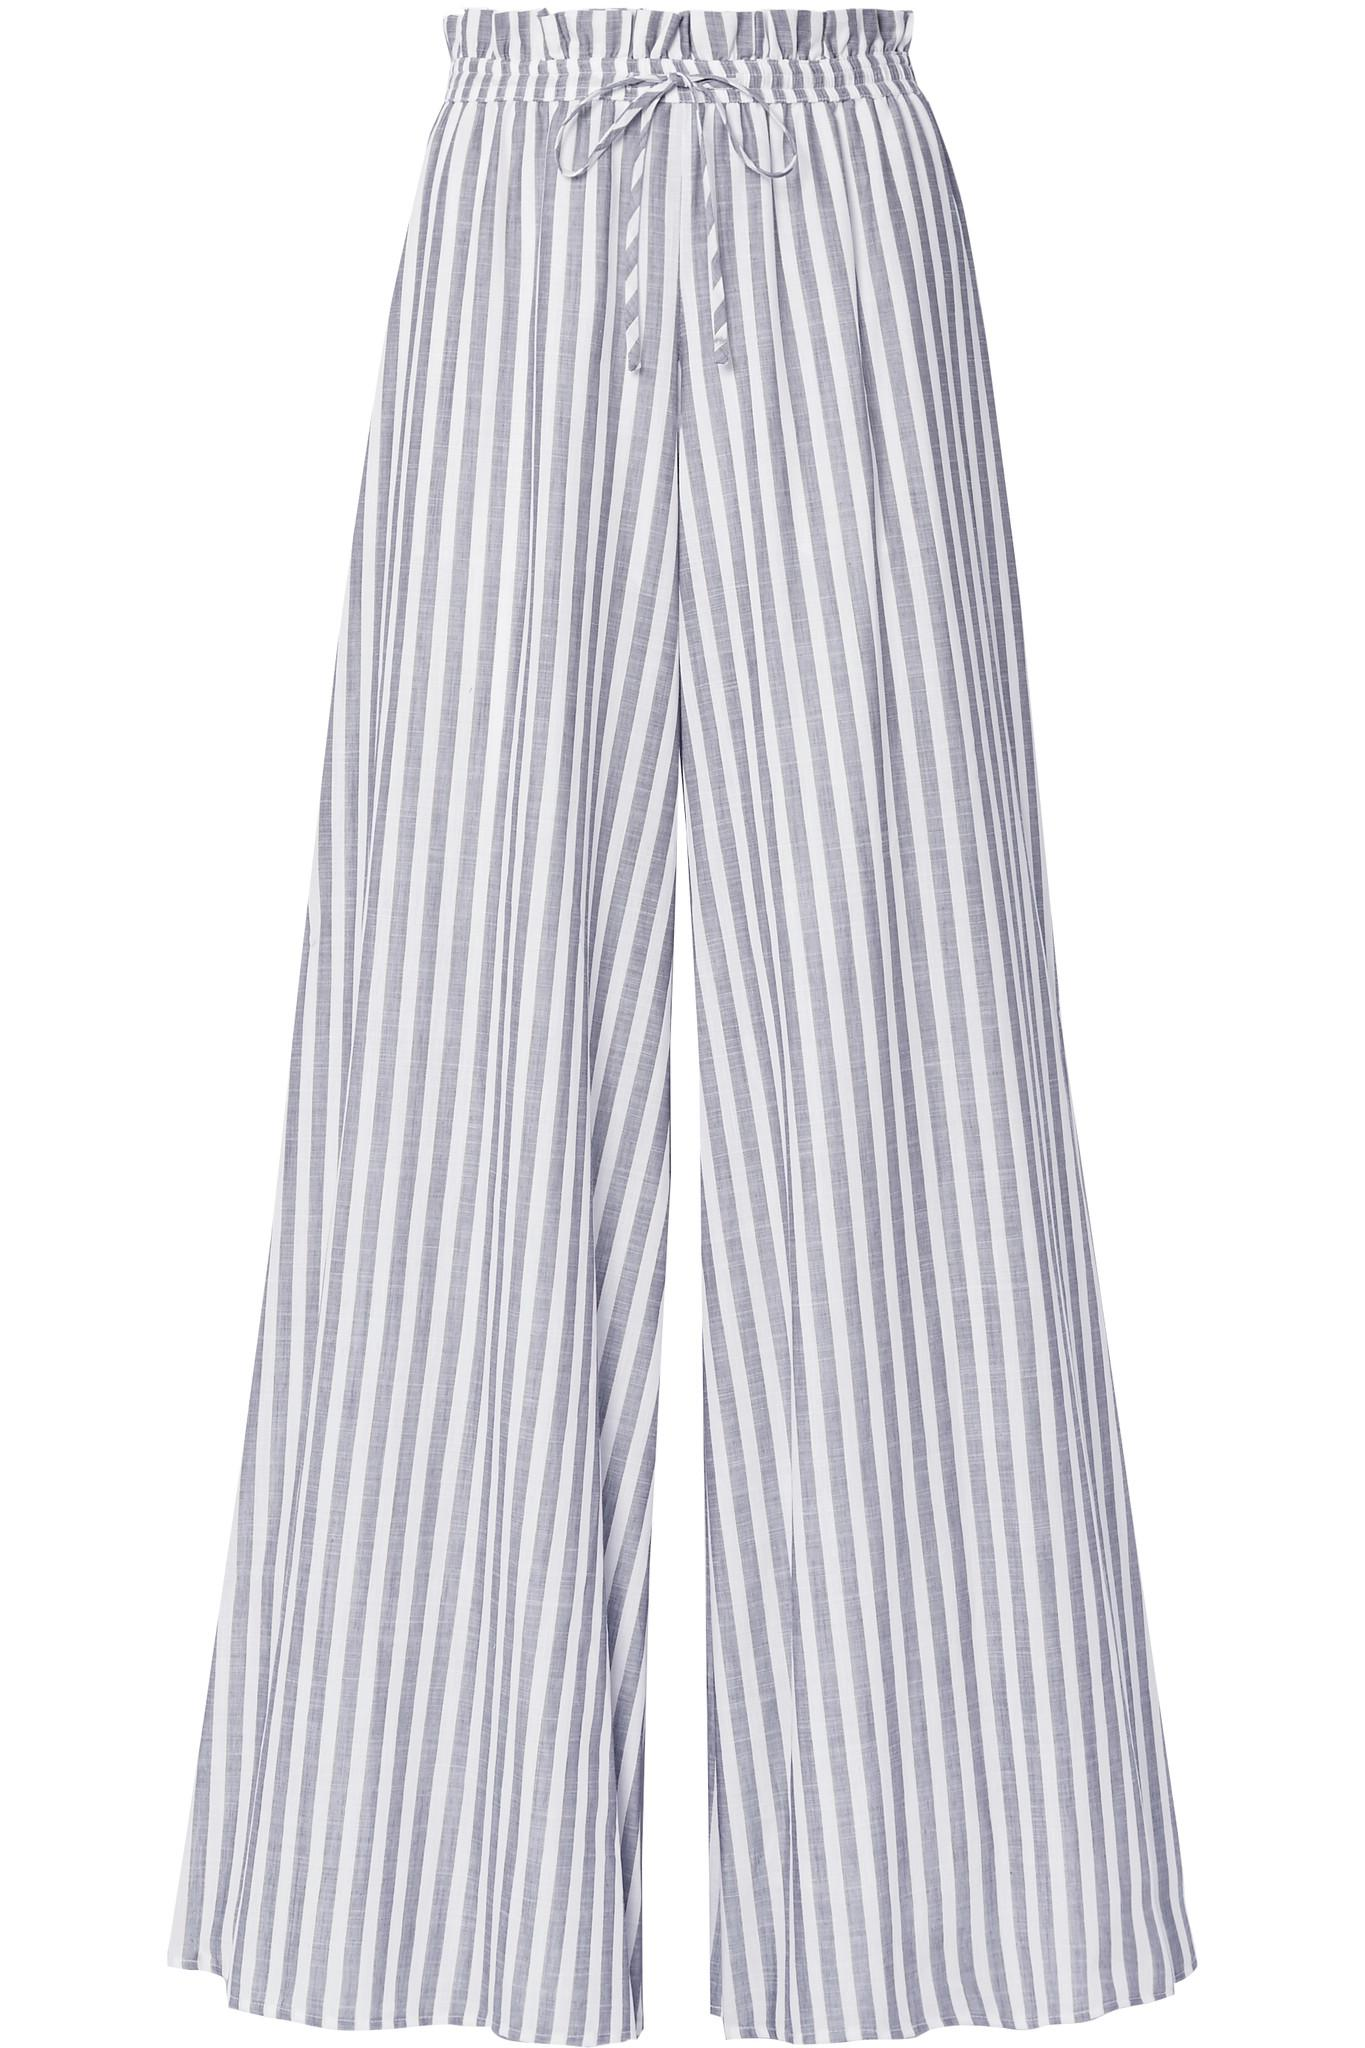 Pantalons De Coton Voilages À Jambes Larges Rayures - Constas Caroline Gris 2JcvNBpA